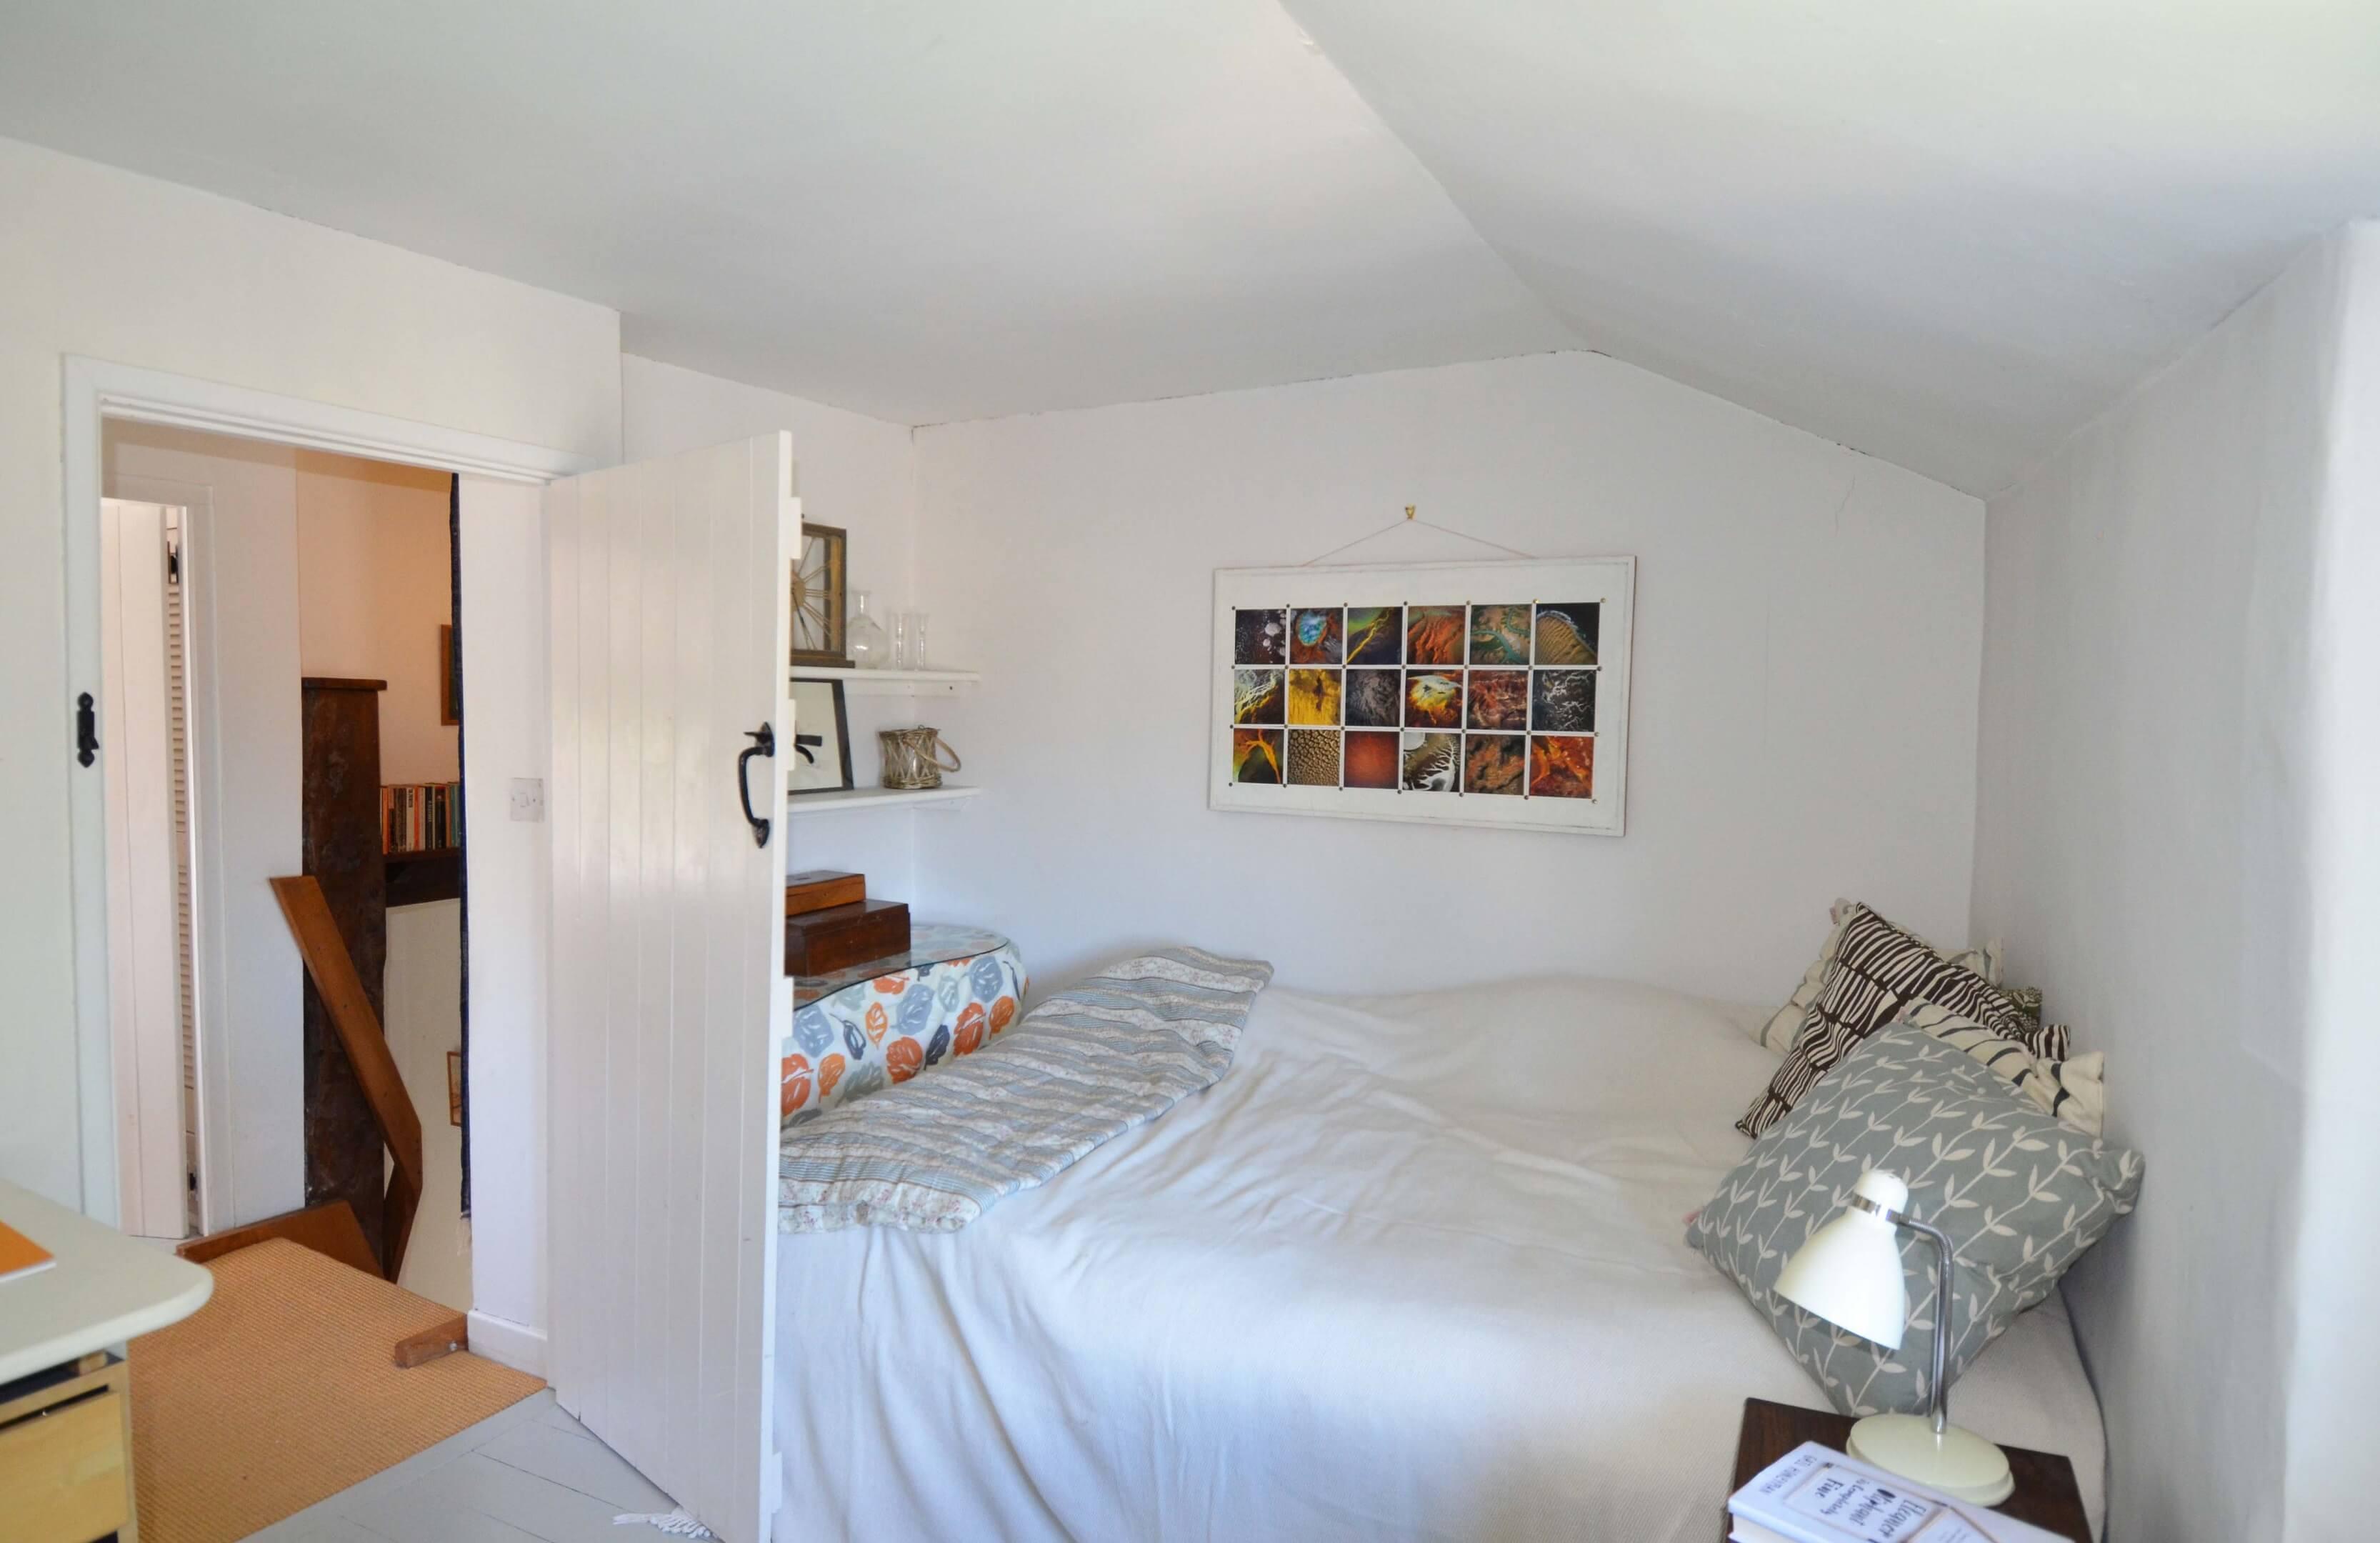 Thewhitecottage Bedroom Two